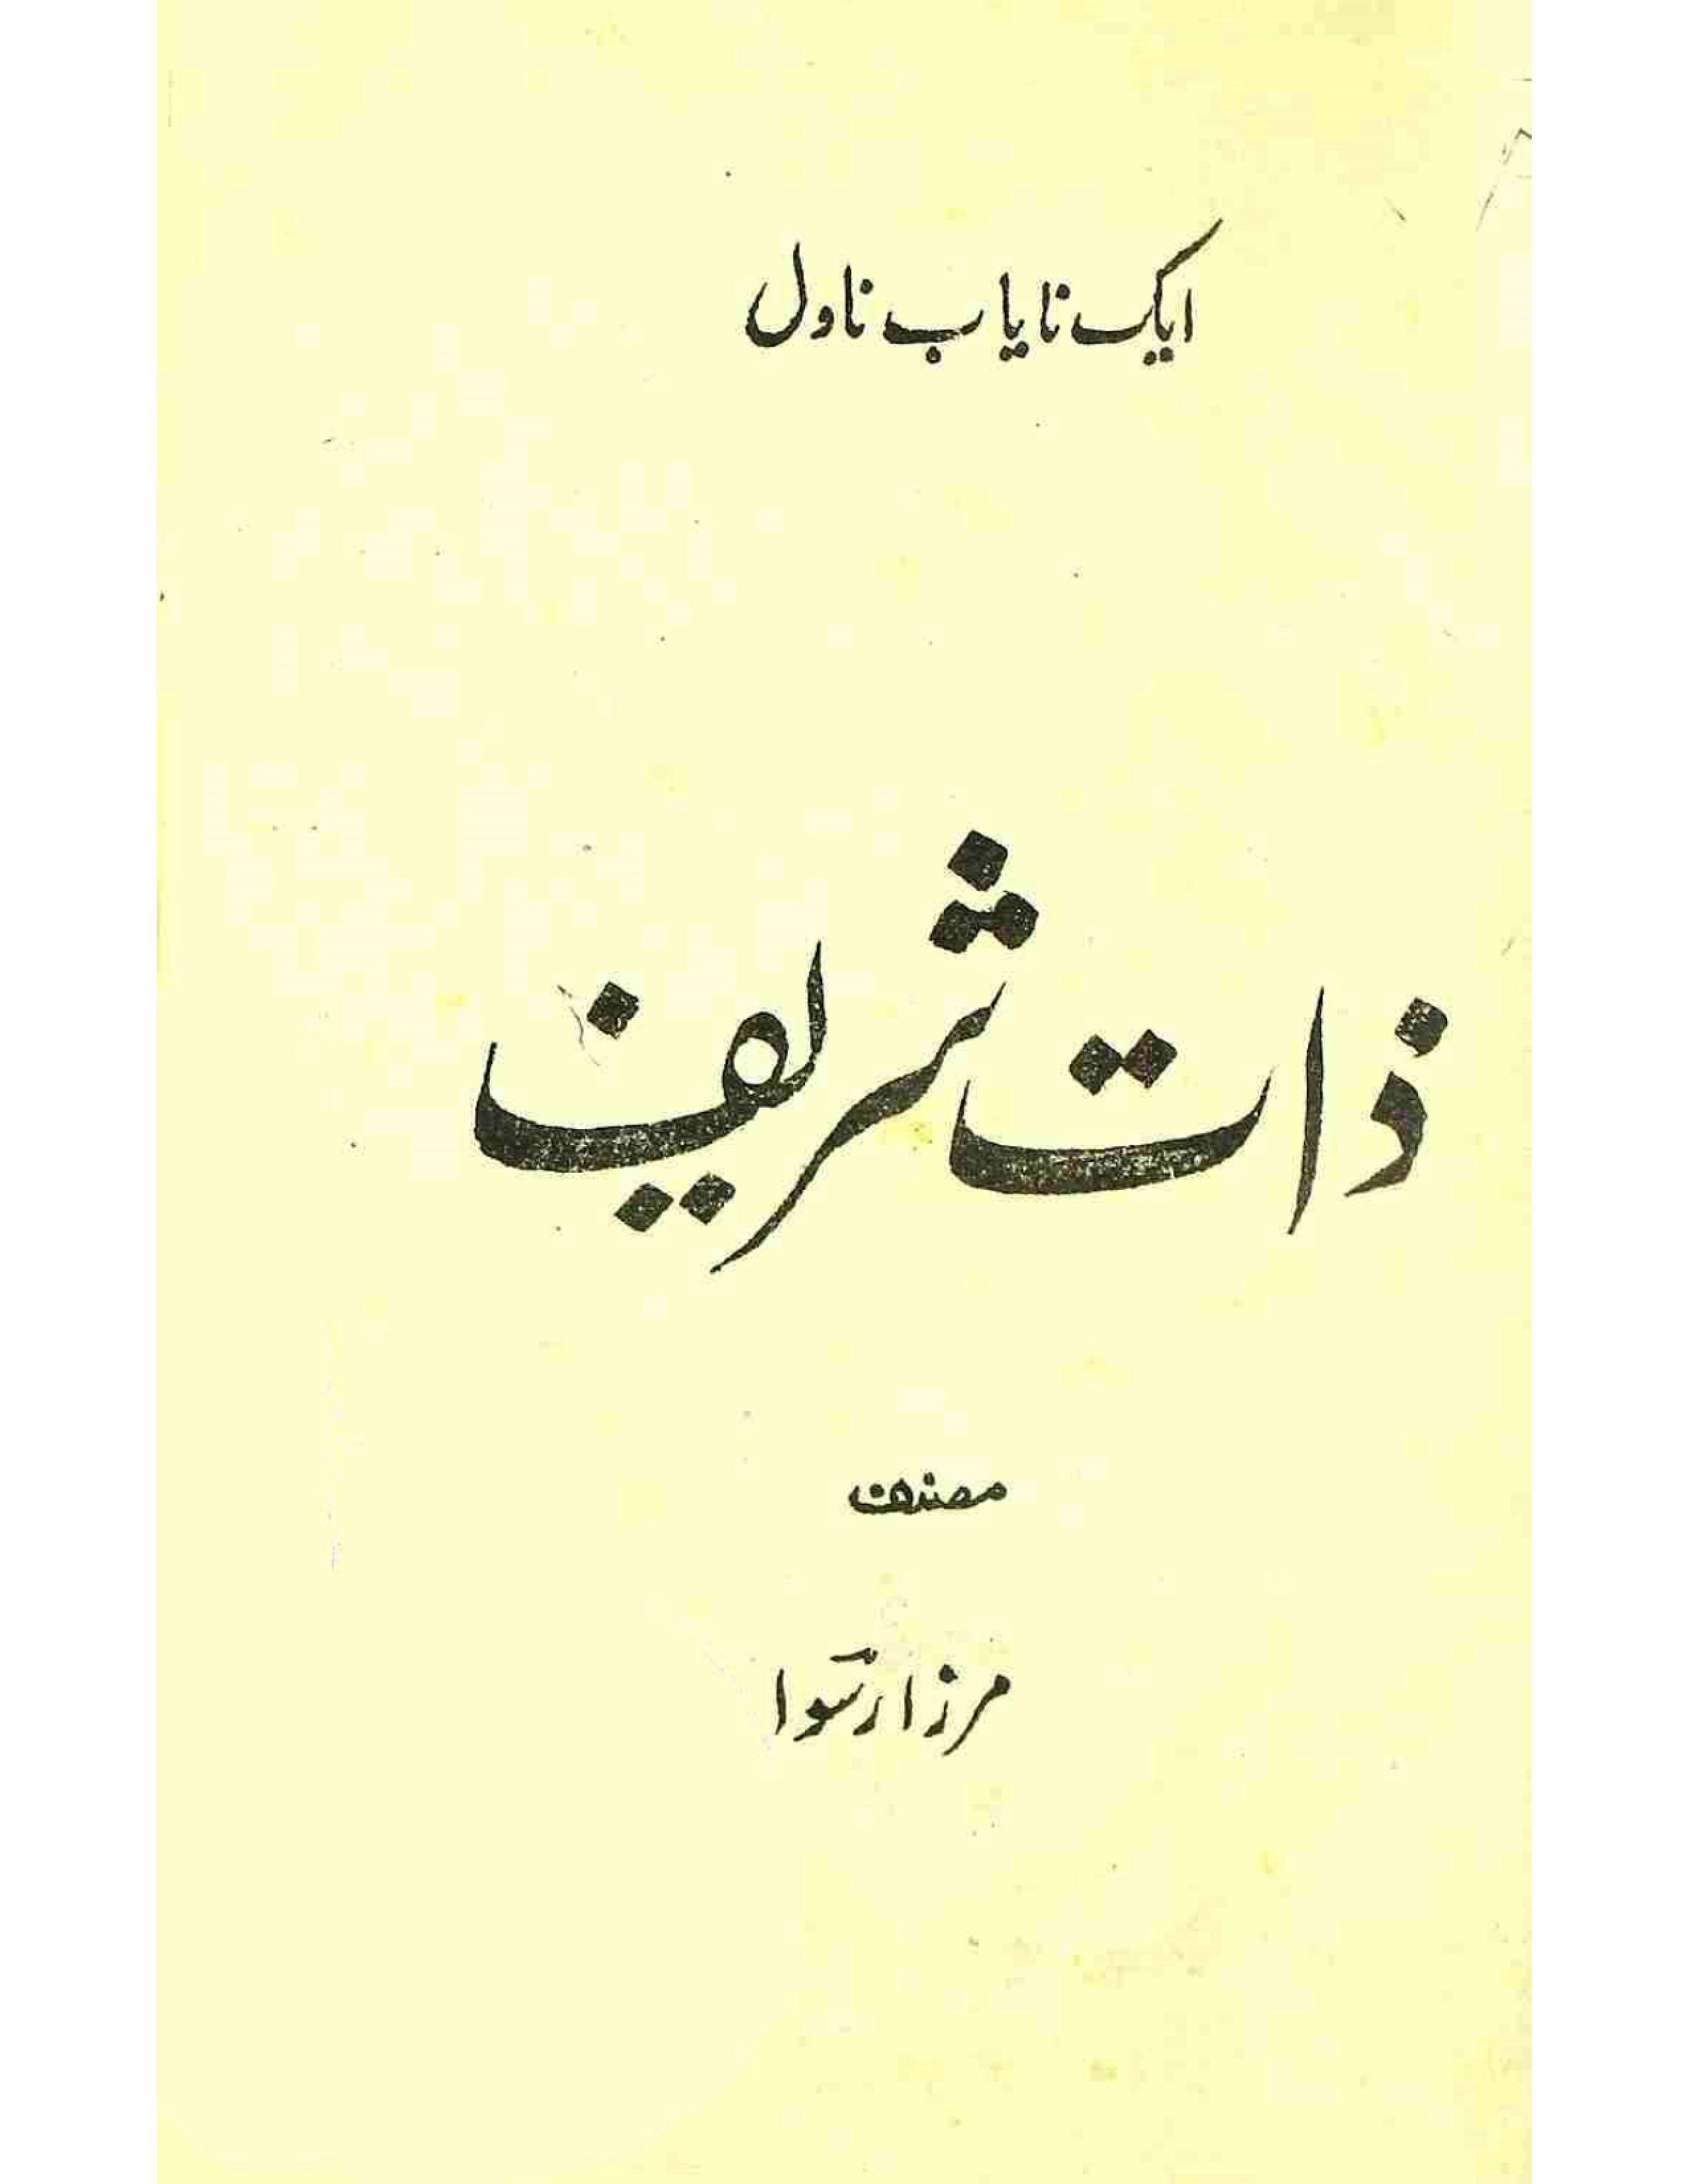 Zat-e-Shareef